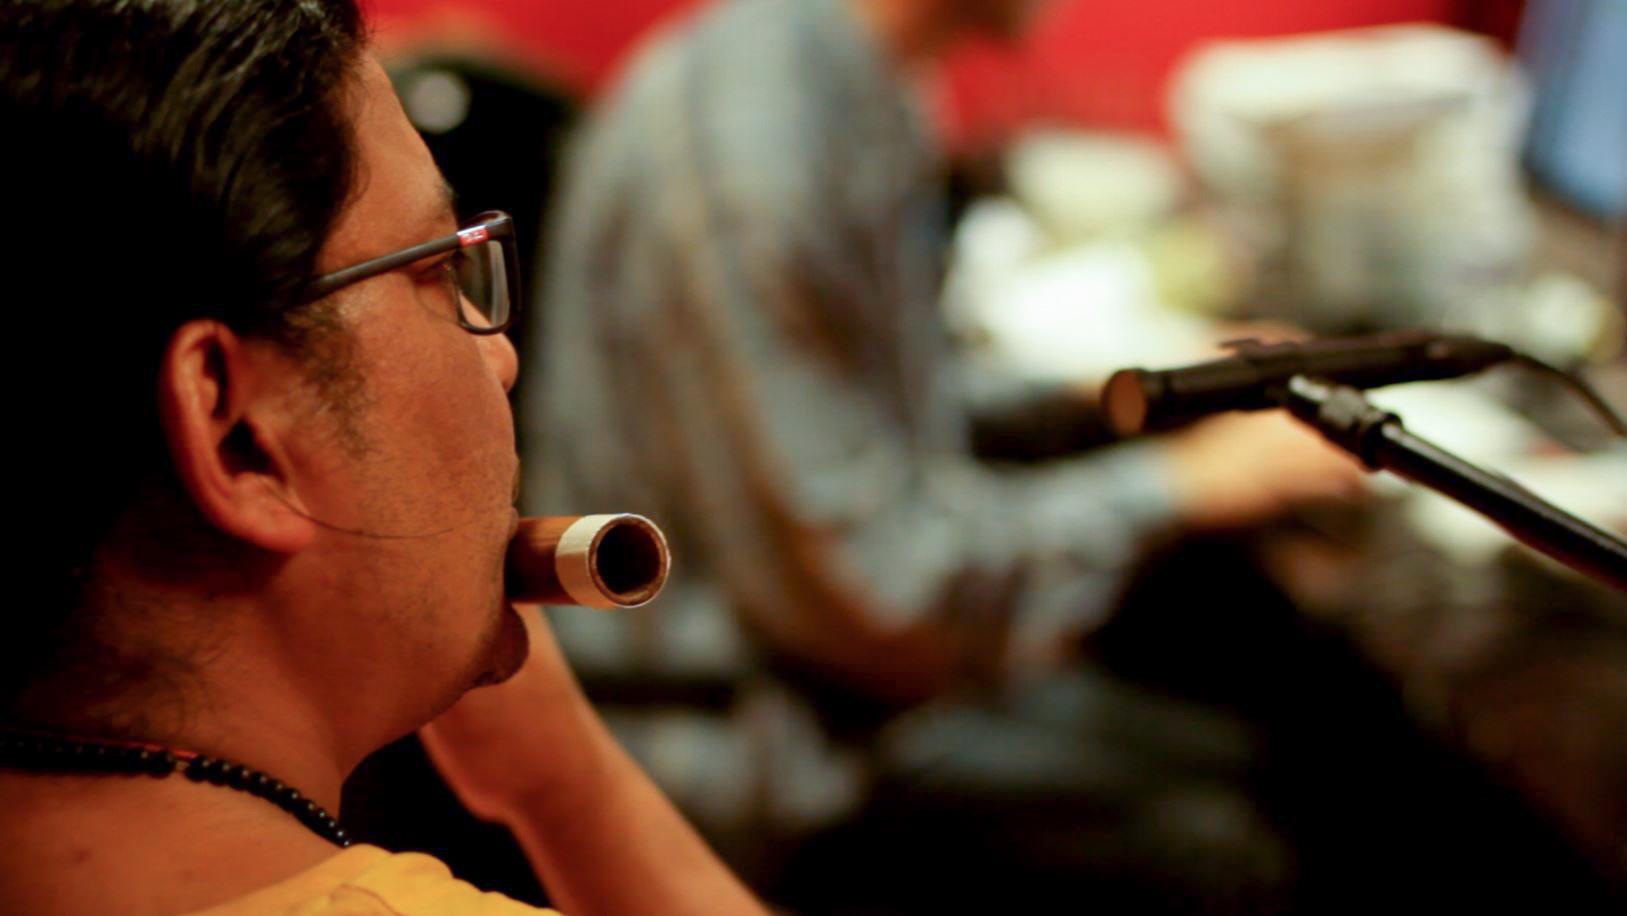 Benoît Duvette, Art Zoyd Studio, Compositeur, Flute Lobsang Chonzor, musique de film